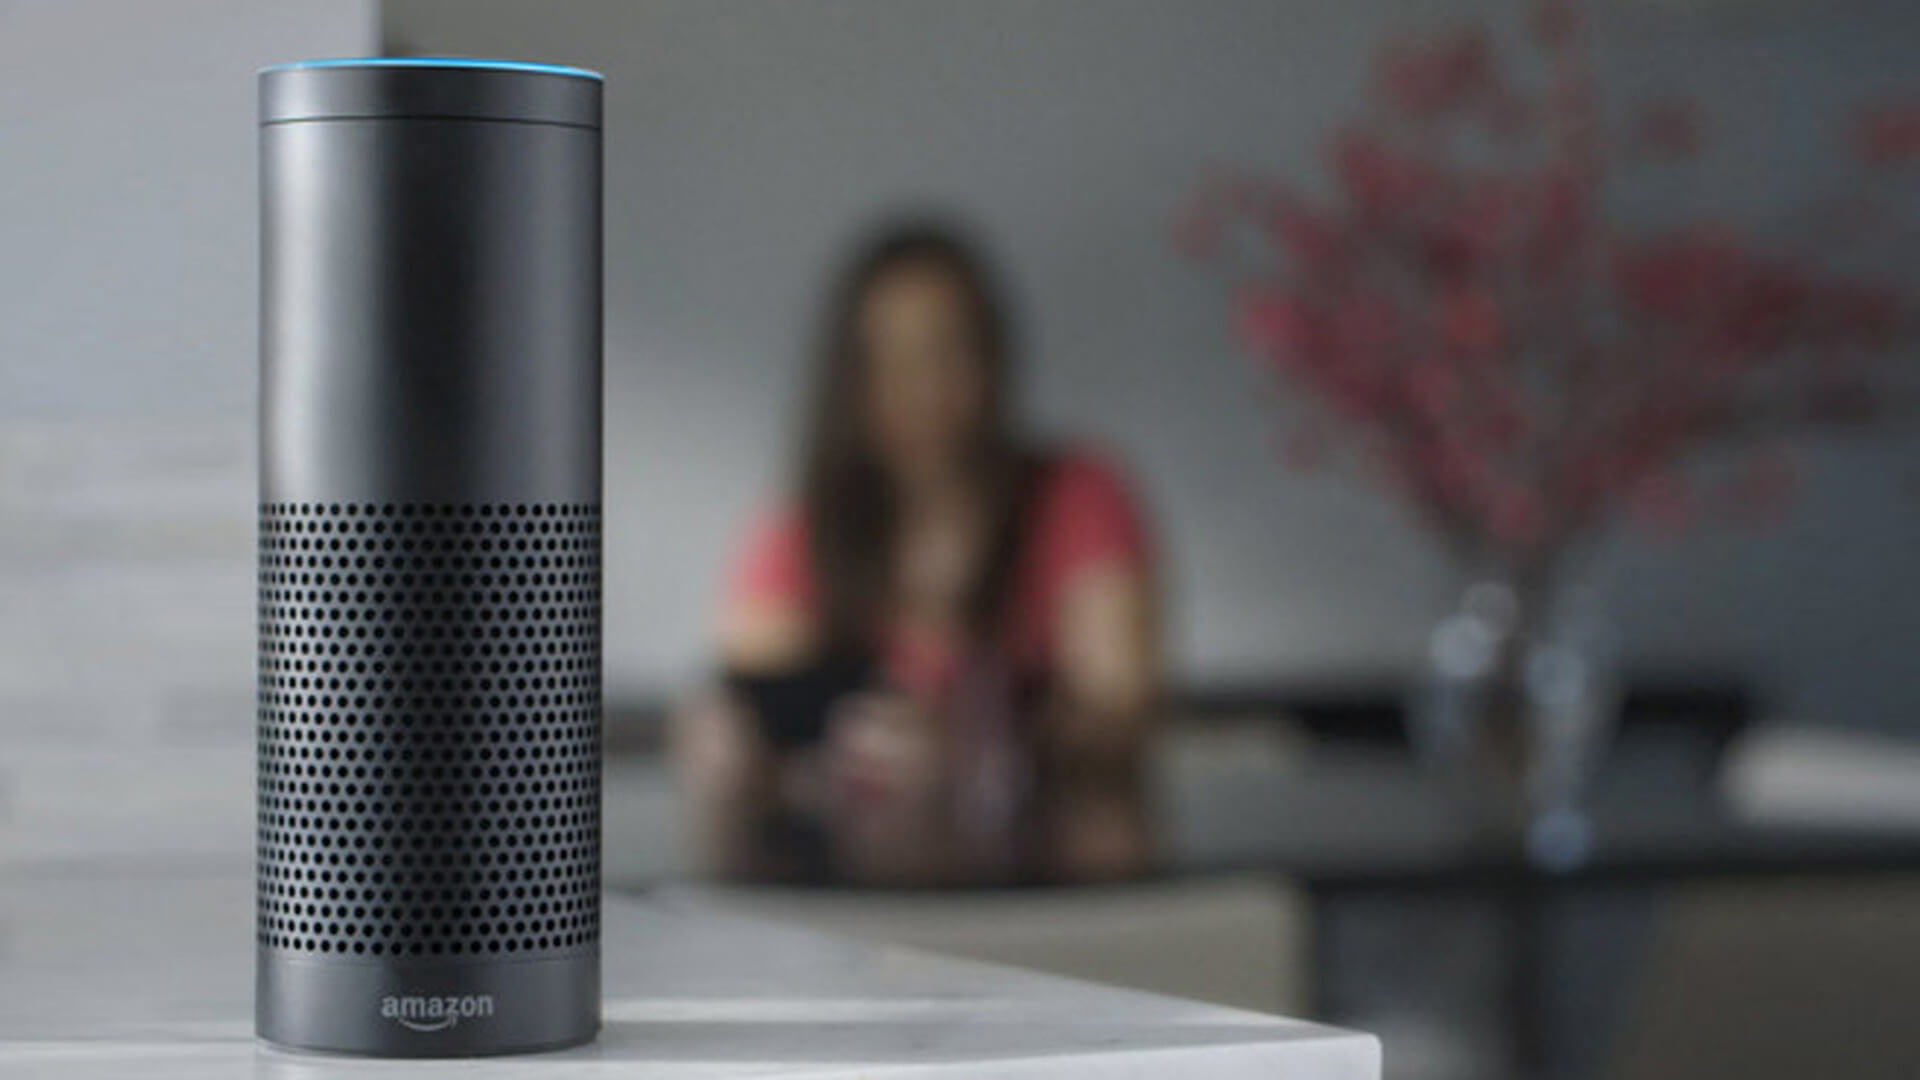 Alexa registra silenziosamente una conversazione e la invia a un contatto